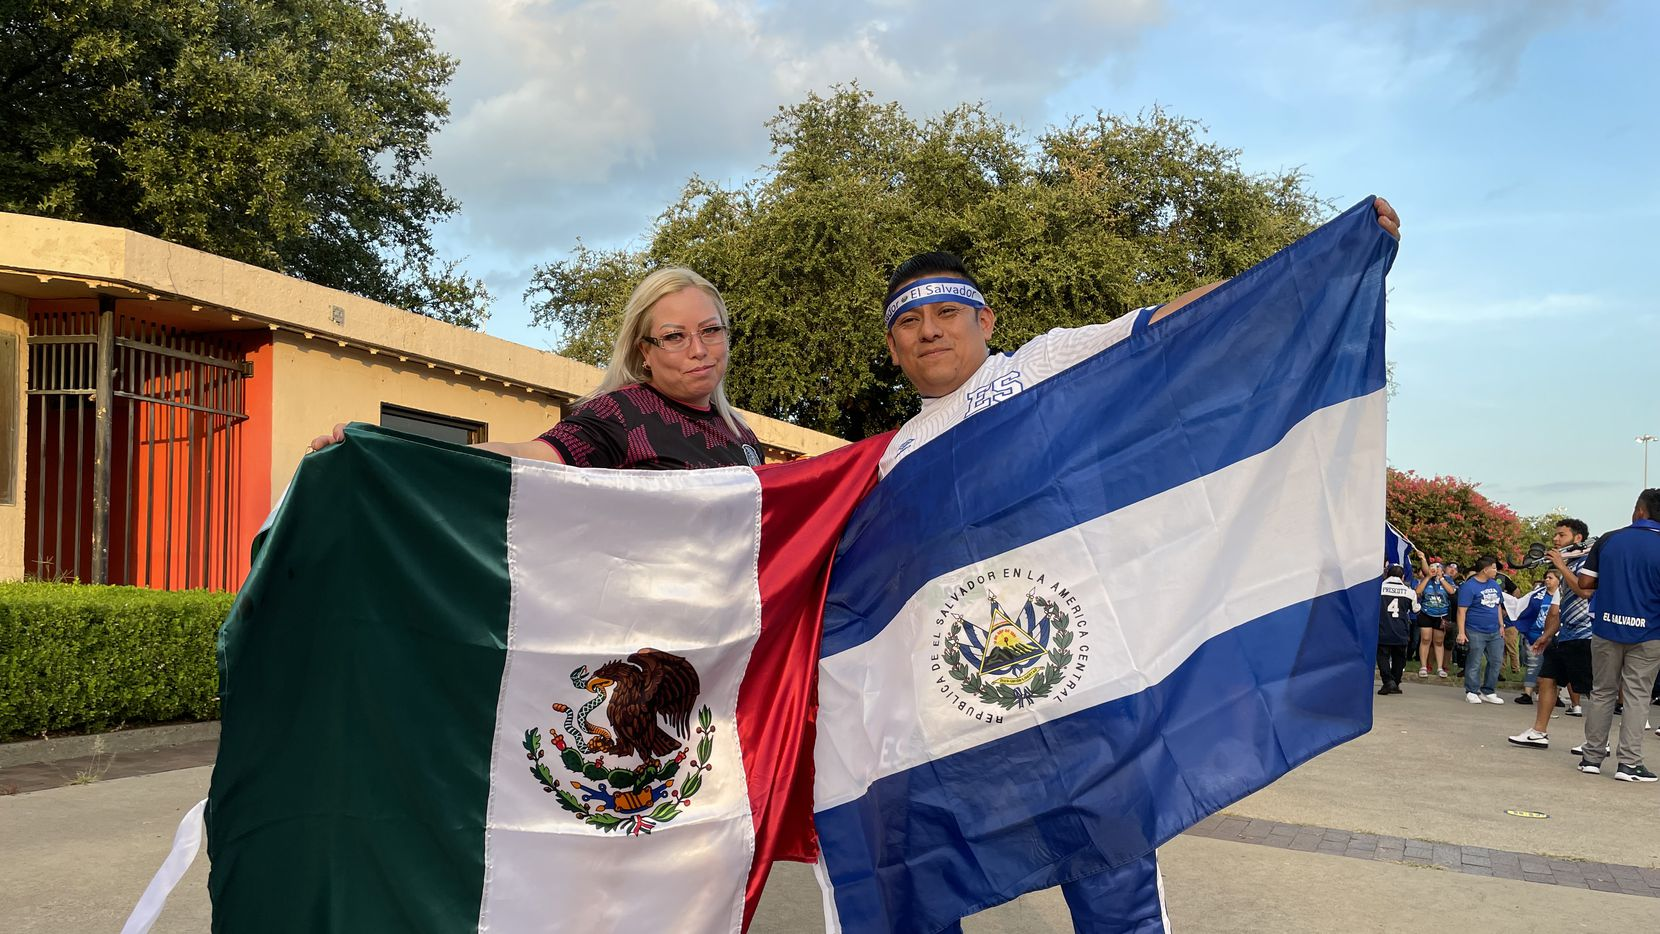 Marisol Rico y Carlos Gutiérrez cruzaron una apuesta afuera del Cotton Bowl donde jugaron las selecciones de México y El Salvador en la Copa Oro, el 18 de julio de 2021.